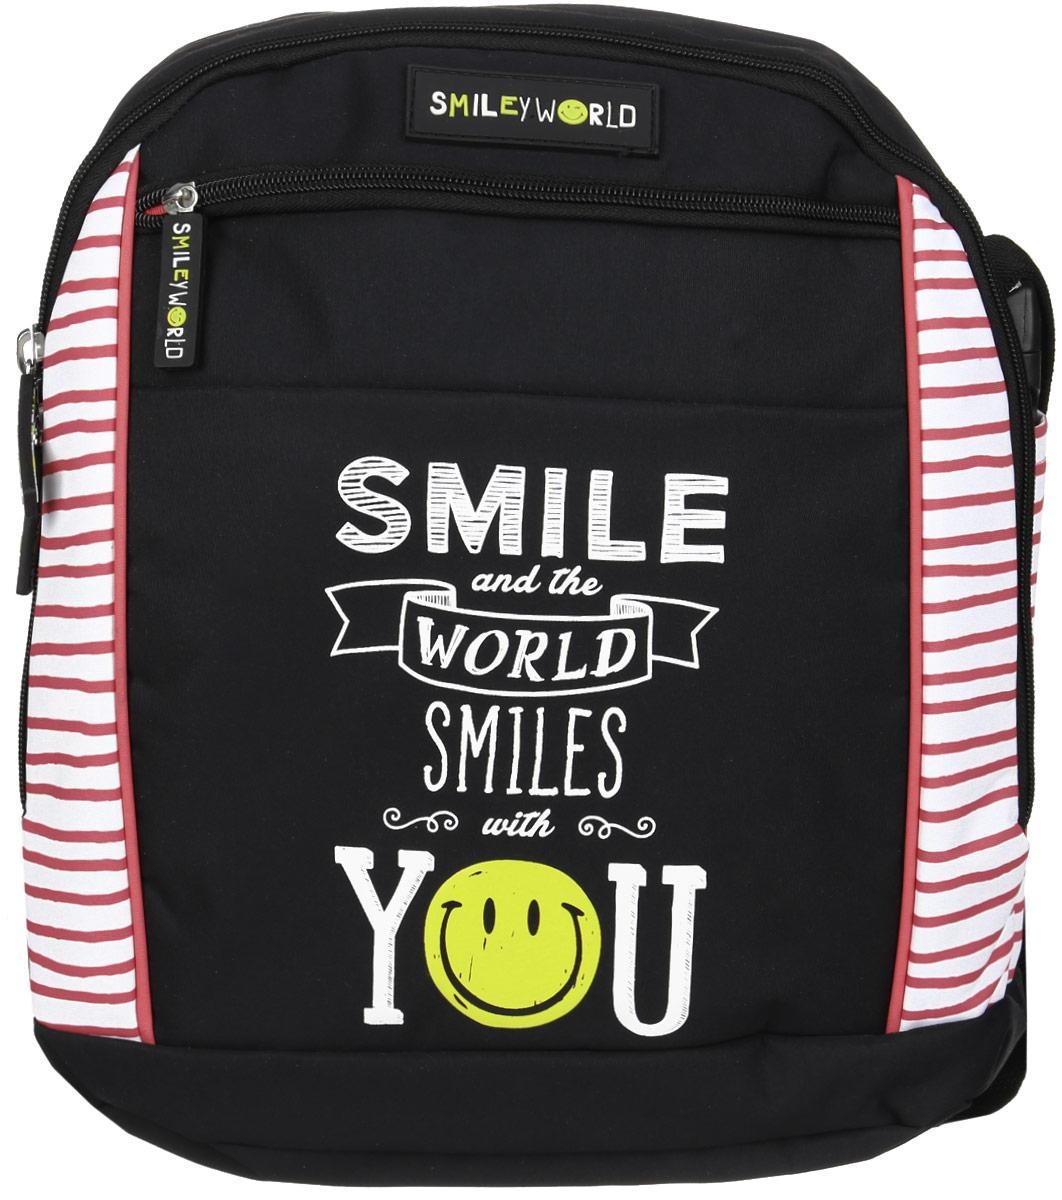 Proff Рюкзак детский Smiley GirlSG16-BP-10Детский рюкзак Proff Smiley Girl сочетает в себе современный дизайн, функциональность и долговечность. Изделие выполнено из прочных материалов и дополнено изображением в виде смайлика. Рюкзак состоит из вместительного отделения, закрывающегося на застежку-молнию с двумя бегунками. Внутри отделения имеется небольшой кармашек на молнии. На лицевой стороне расположен прорезной карман на застежке-молнии. Широкие мягкие лямки рюкзака регулируются по длине. На тыльной стороне изделия предусмотрен карман на липучке, чтобы убирать плечевые лямки. Рюкзак оснащен регулируемым по длине текстильным ремнем для переноски на плече и удобной ручкой для переноски в руке. Текстильный ремень также можно убирать в специальные наружные отделения по бокам сумки. Такую модель рюкзака- сумки можно использовать для повседневных прогулок, отдыха и спорта, а также как элемент вашего имиджа.